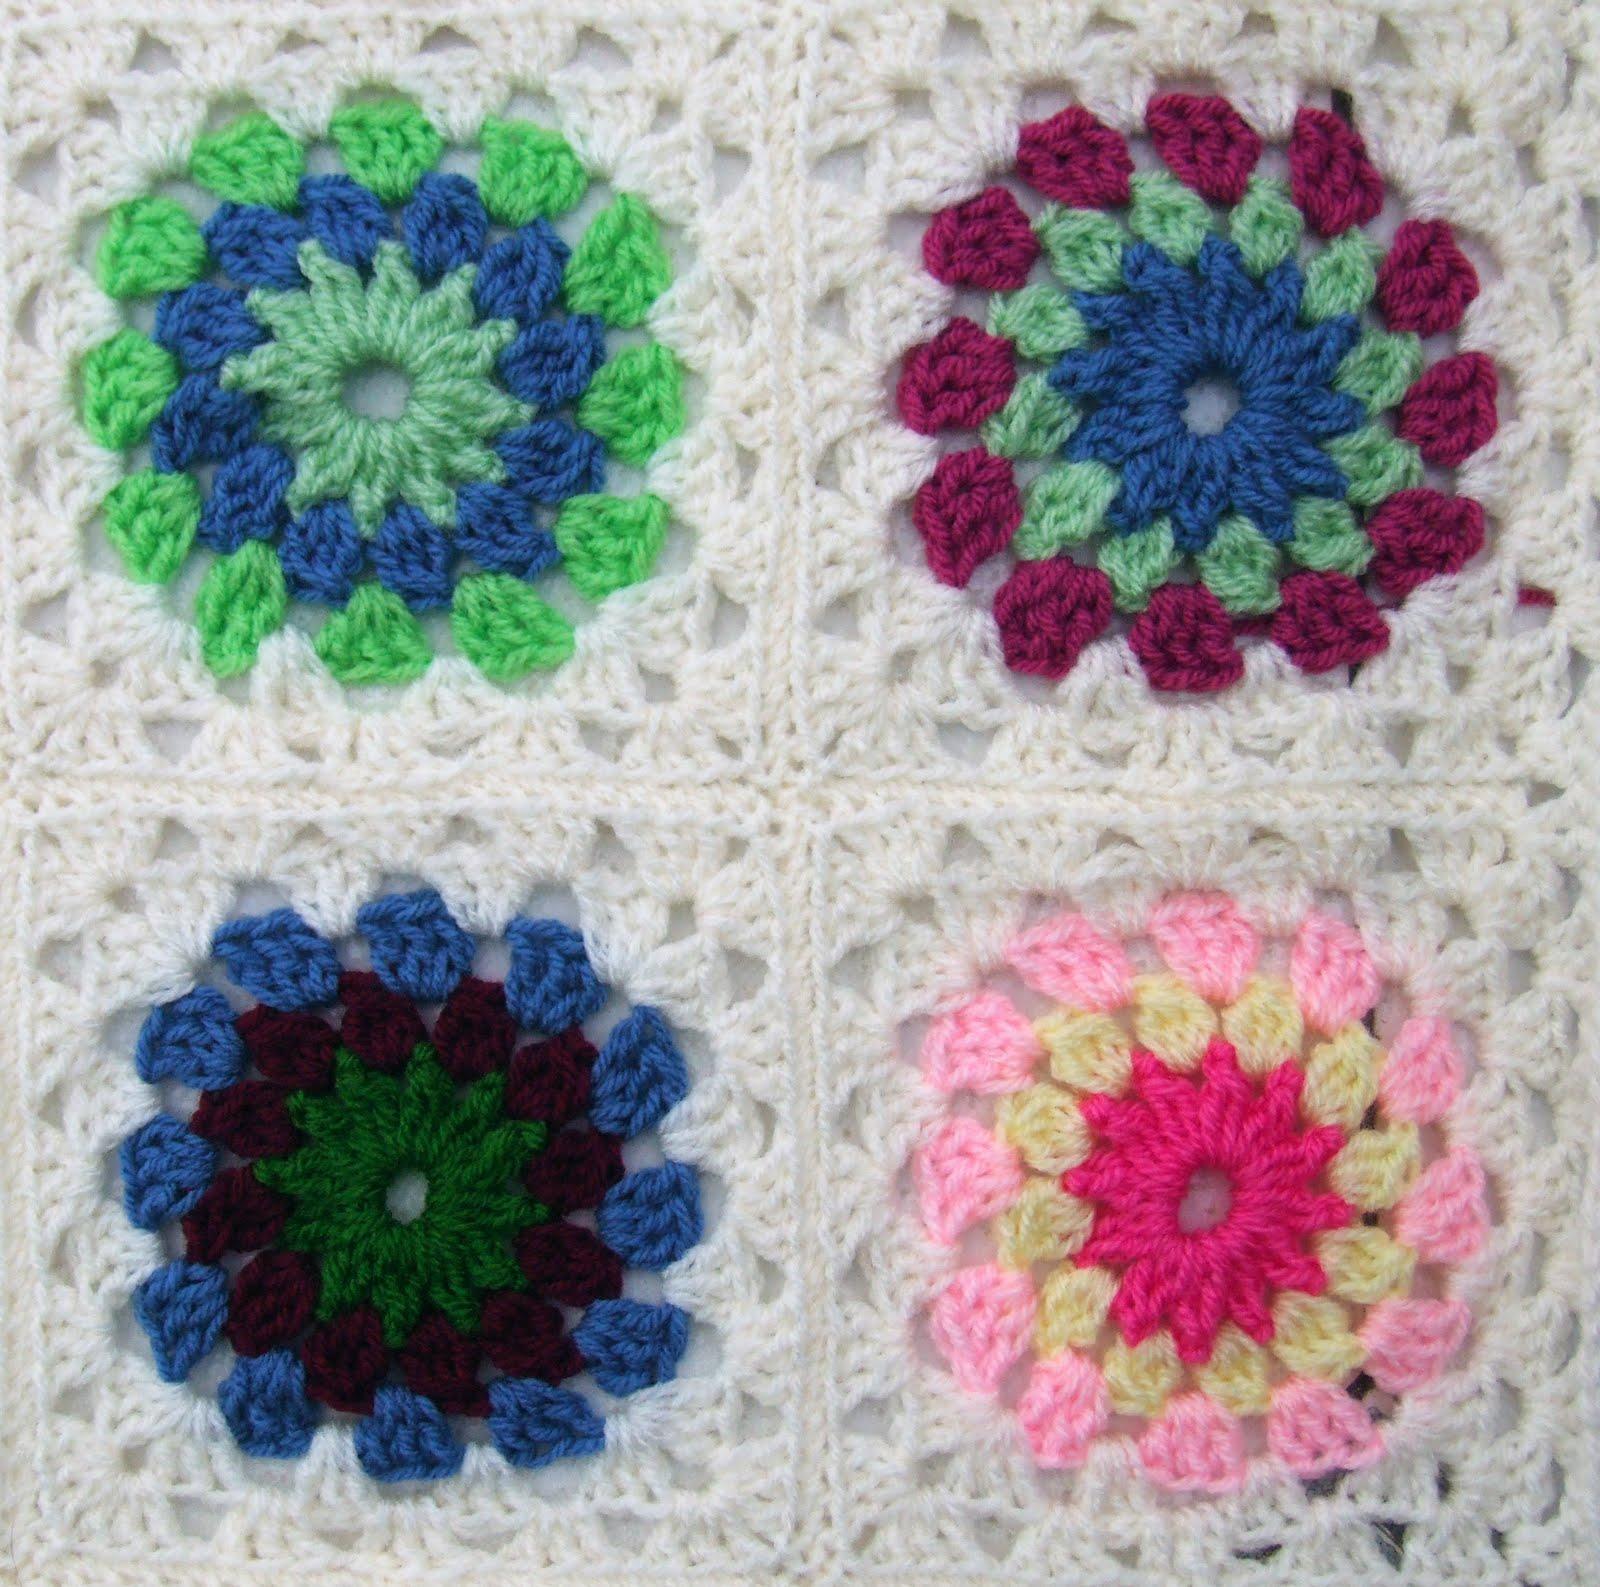 Crochet Flower Blanket : Field of Flowers Crochet Throw - leonie morgan